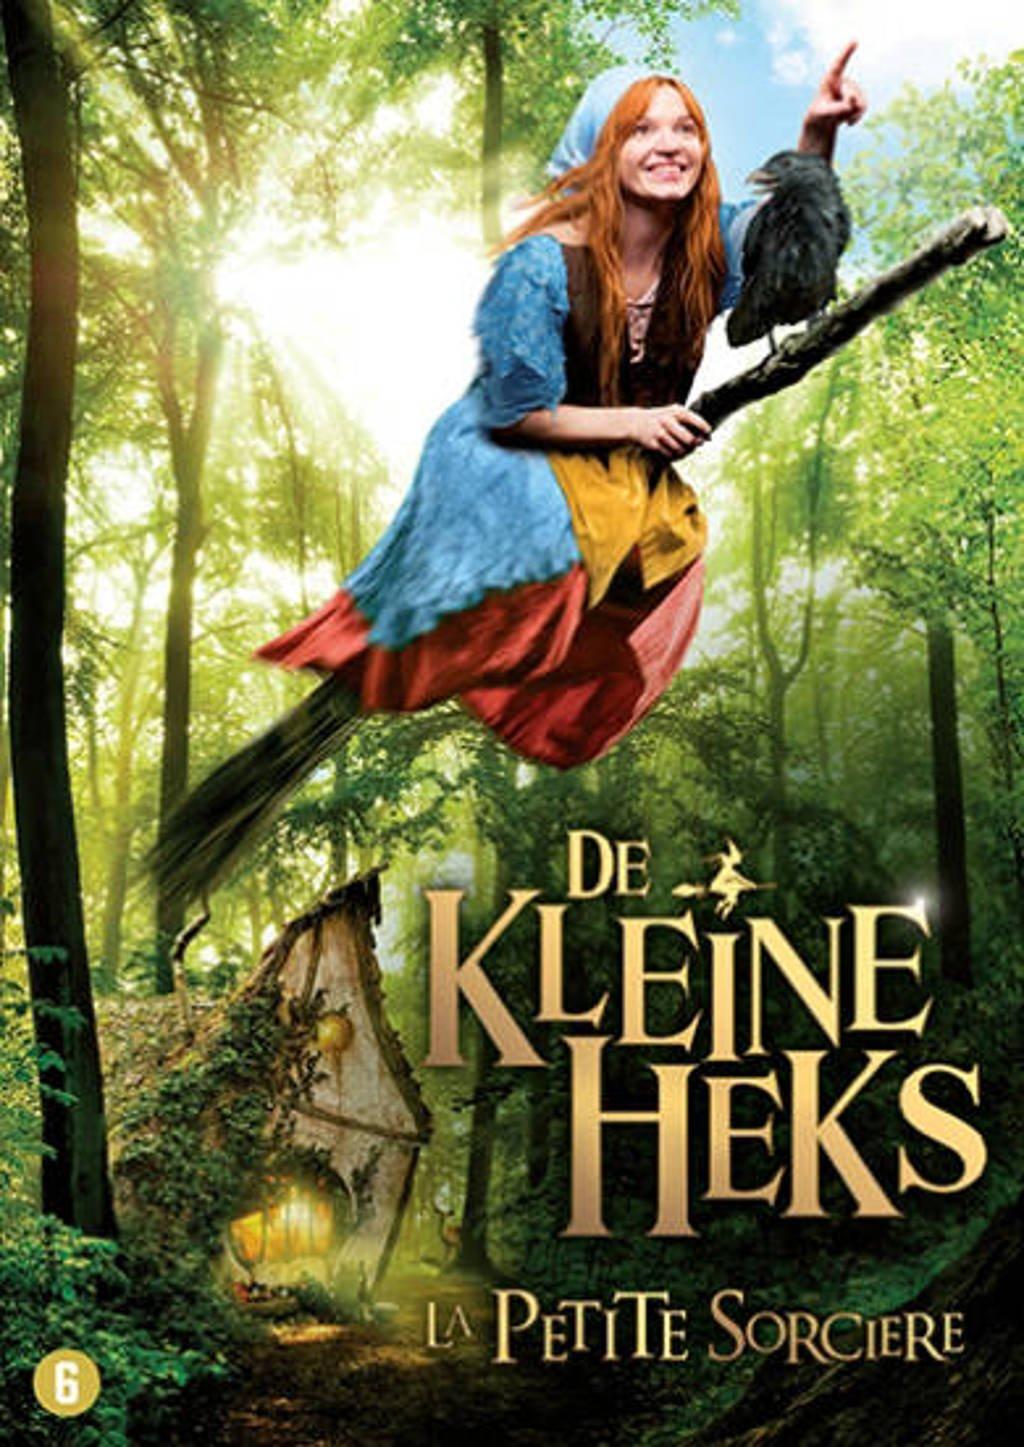 Kleine heks (DVD)